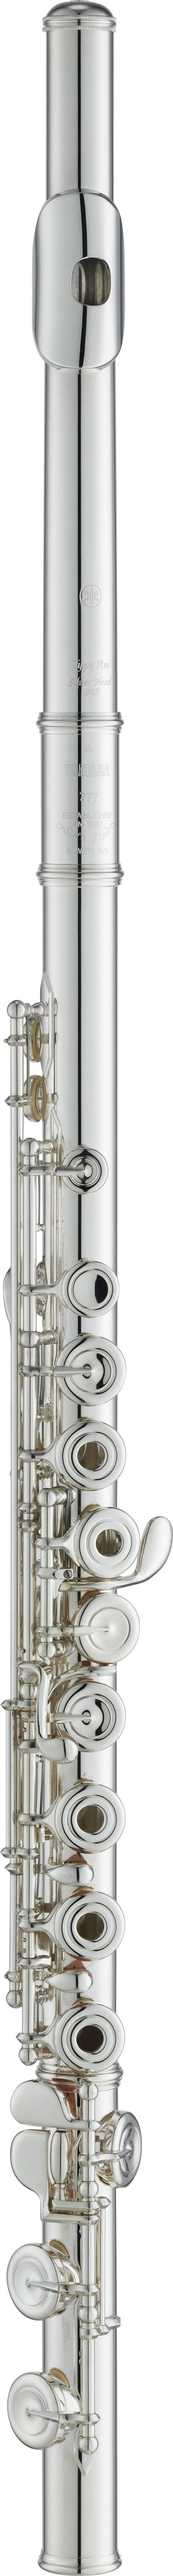 Yamaha - YFL-777 - RCEO - Holzblasinstrumente - Flöten mit E-Mechanik | MUSIK BERTRAM Deutschland Freiburg